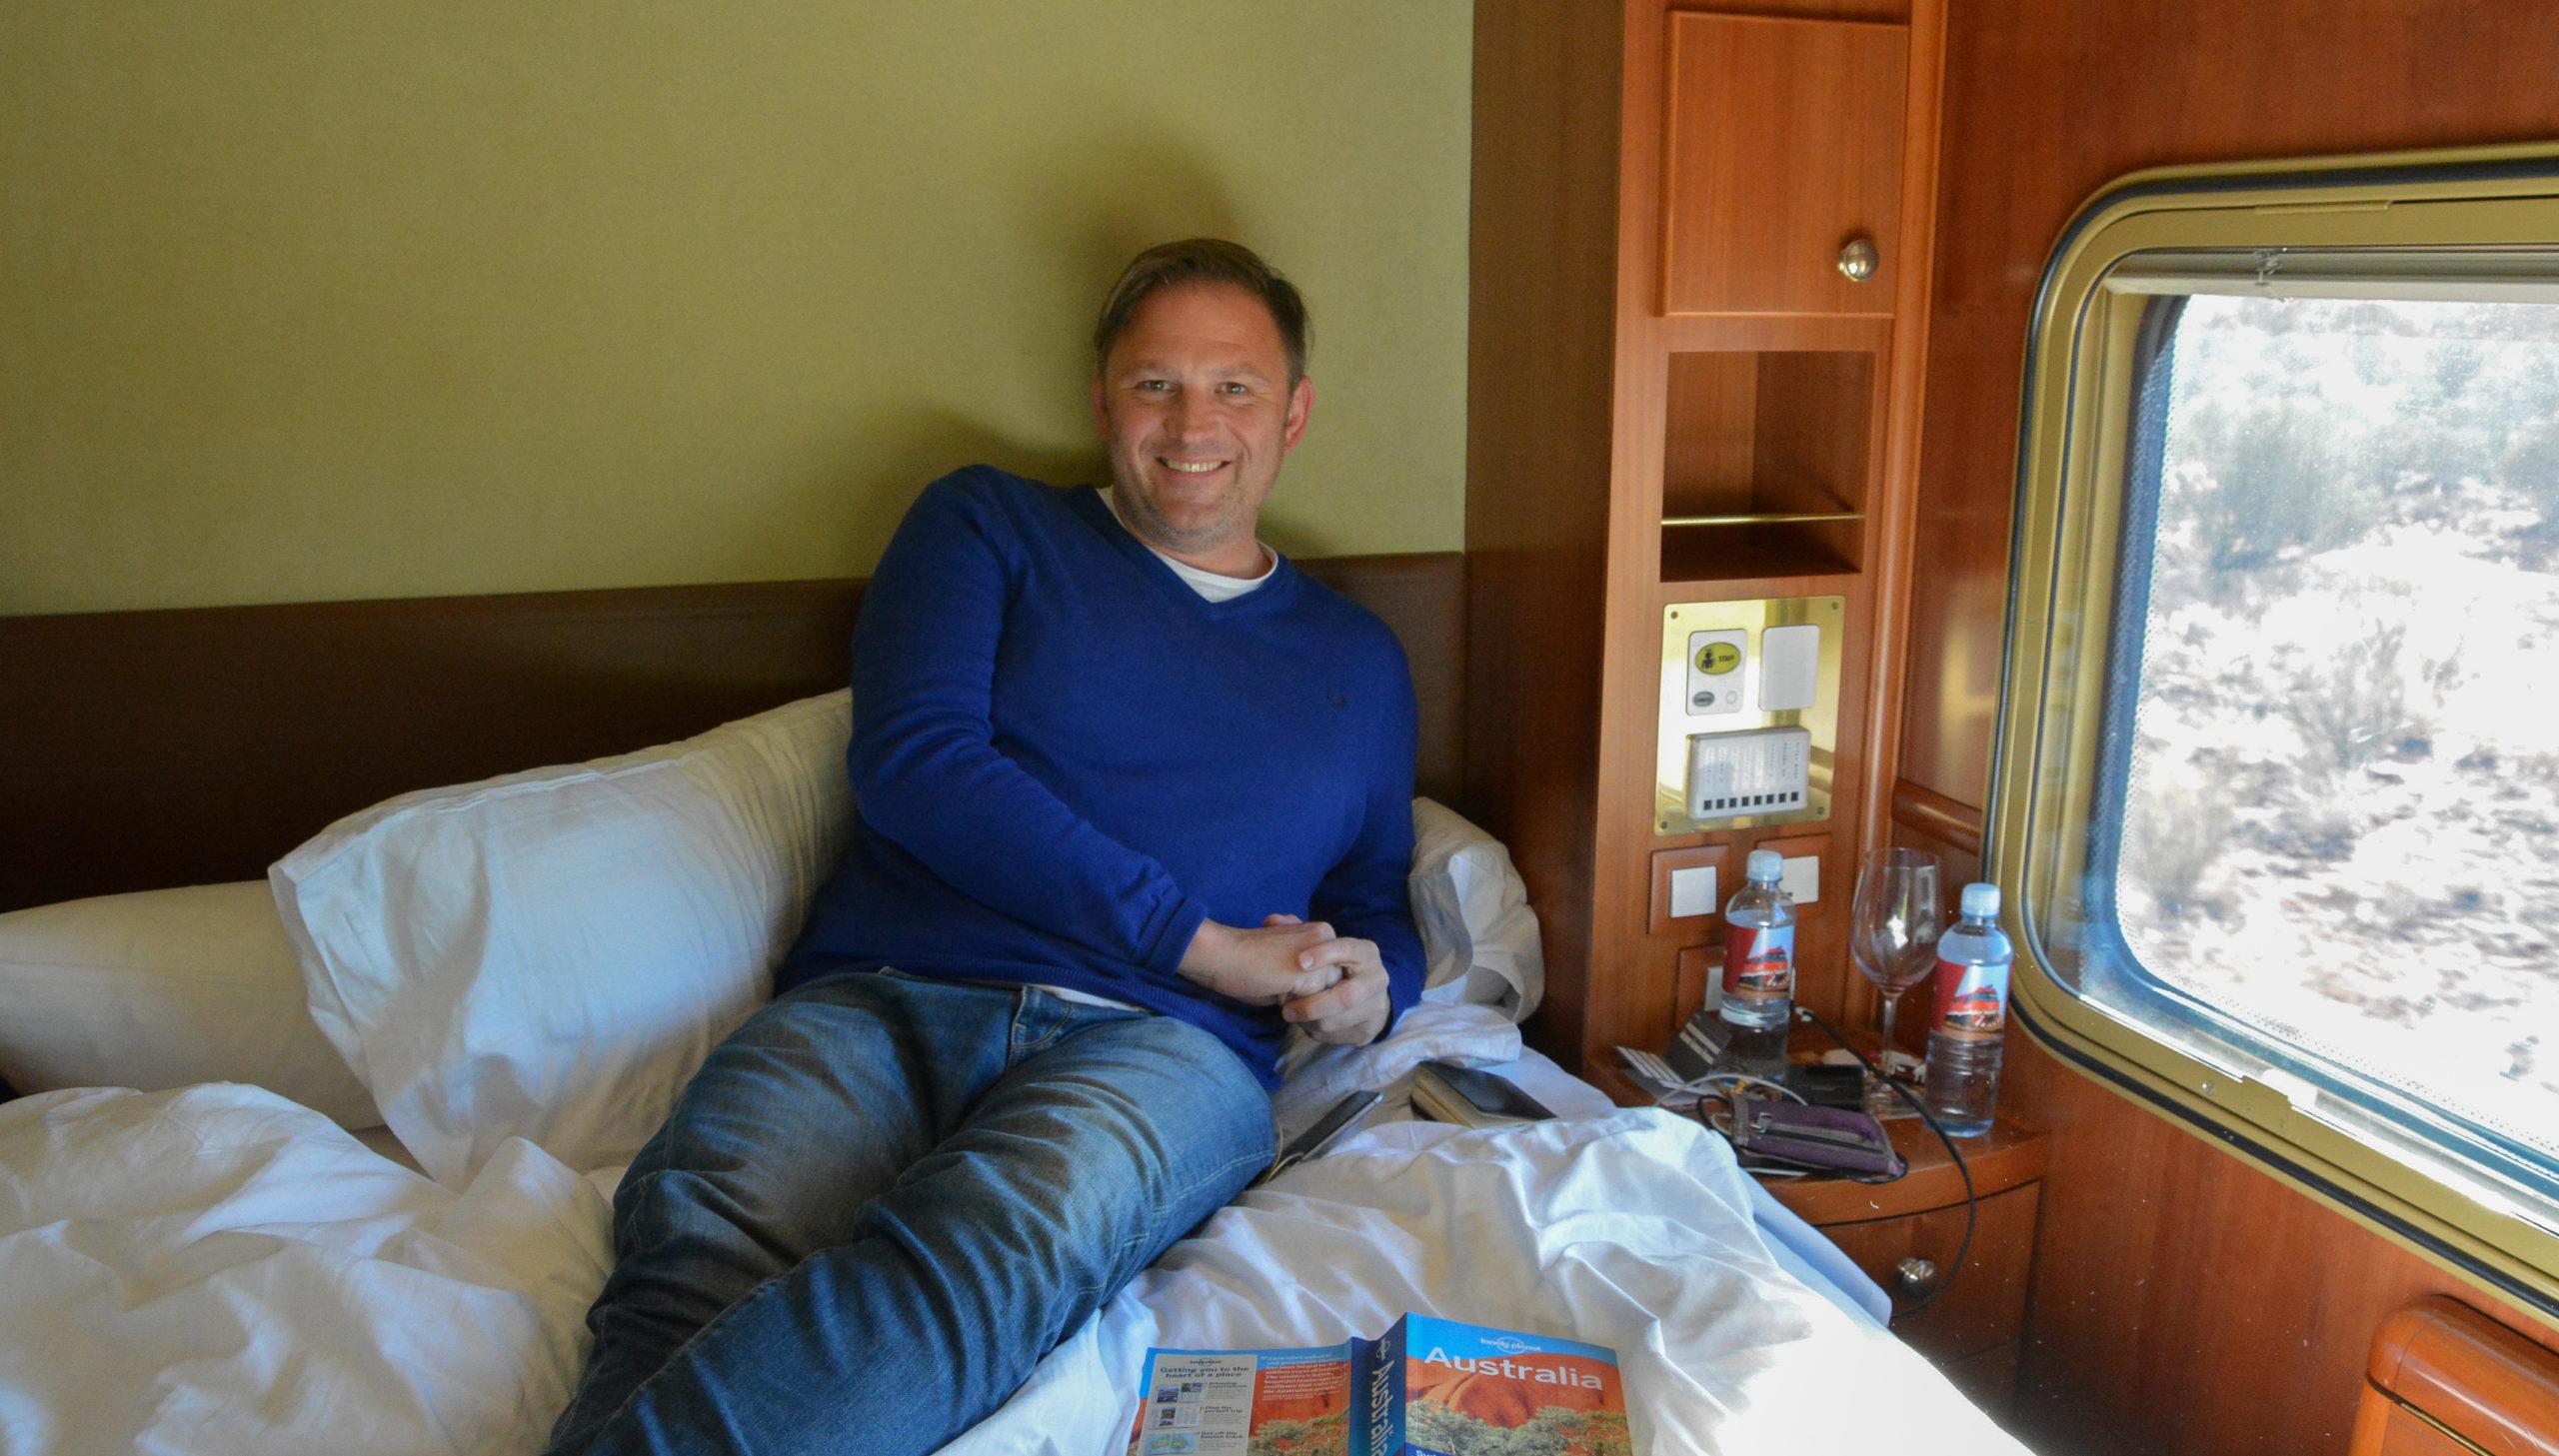 Autor Ralf Johnen auf dem Bett seiner Kabine im Zug The Ghan in Australien